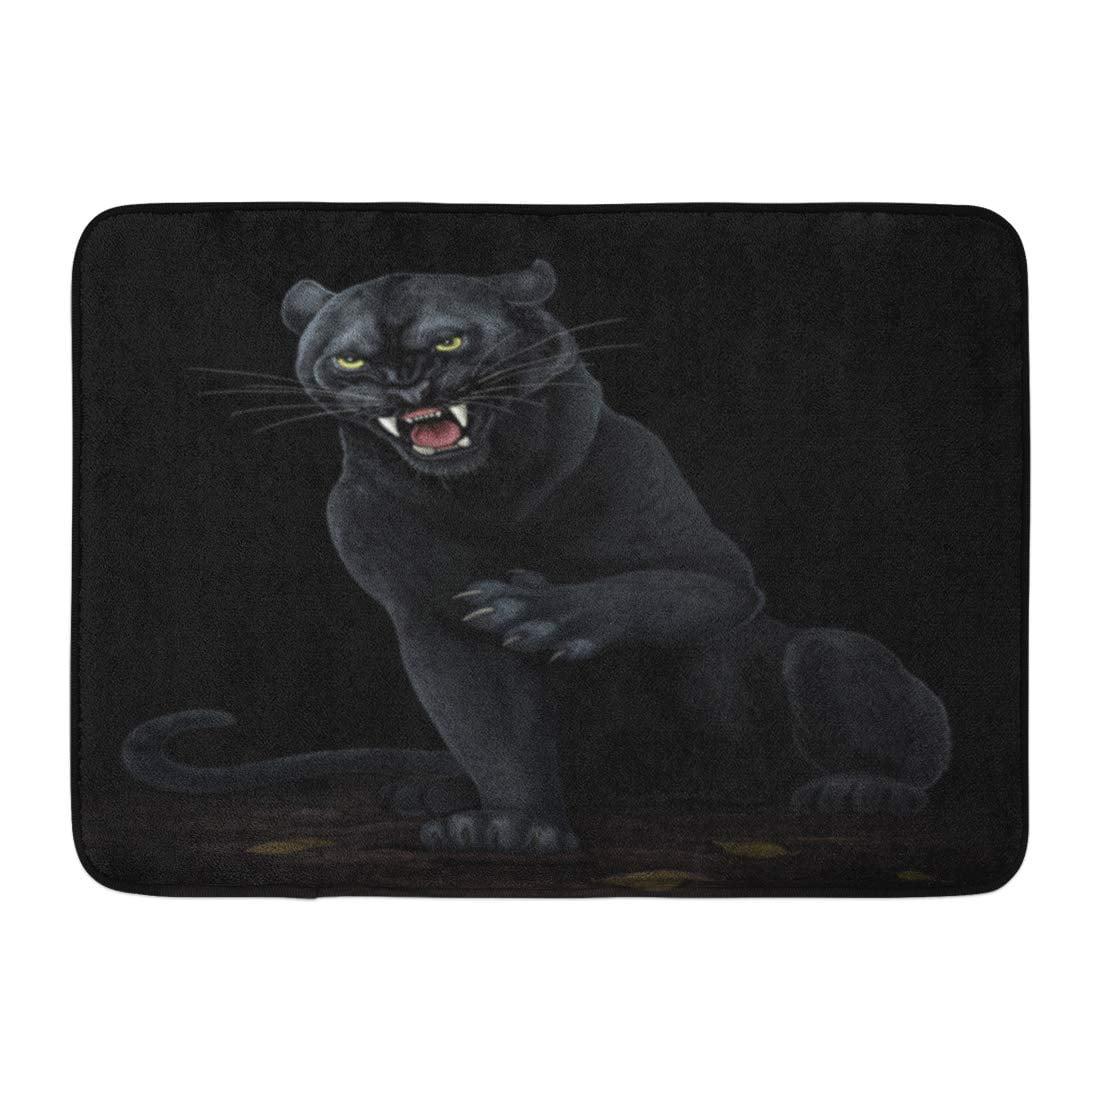 Black Jaguar Growl: GODPOK Attack Leopard Black Panther Roar Africa Aggression